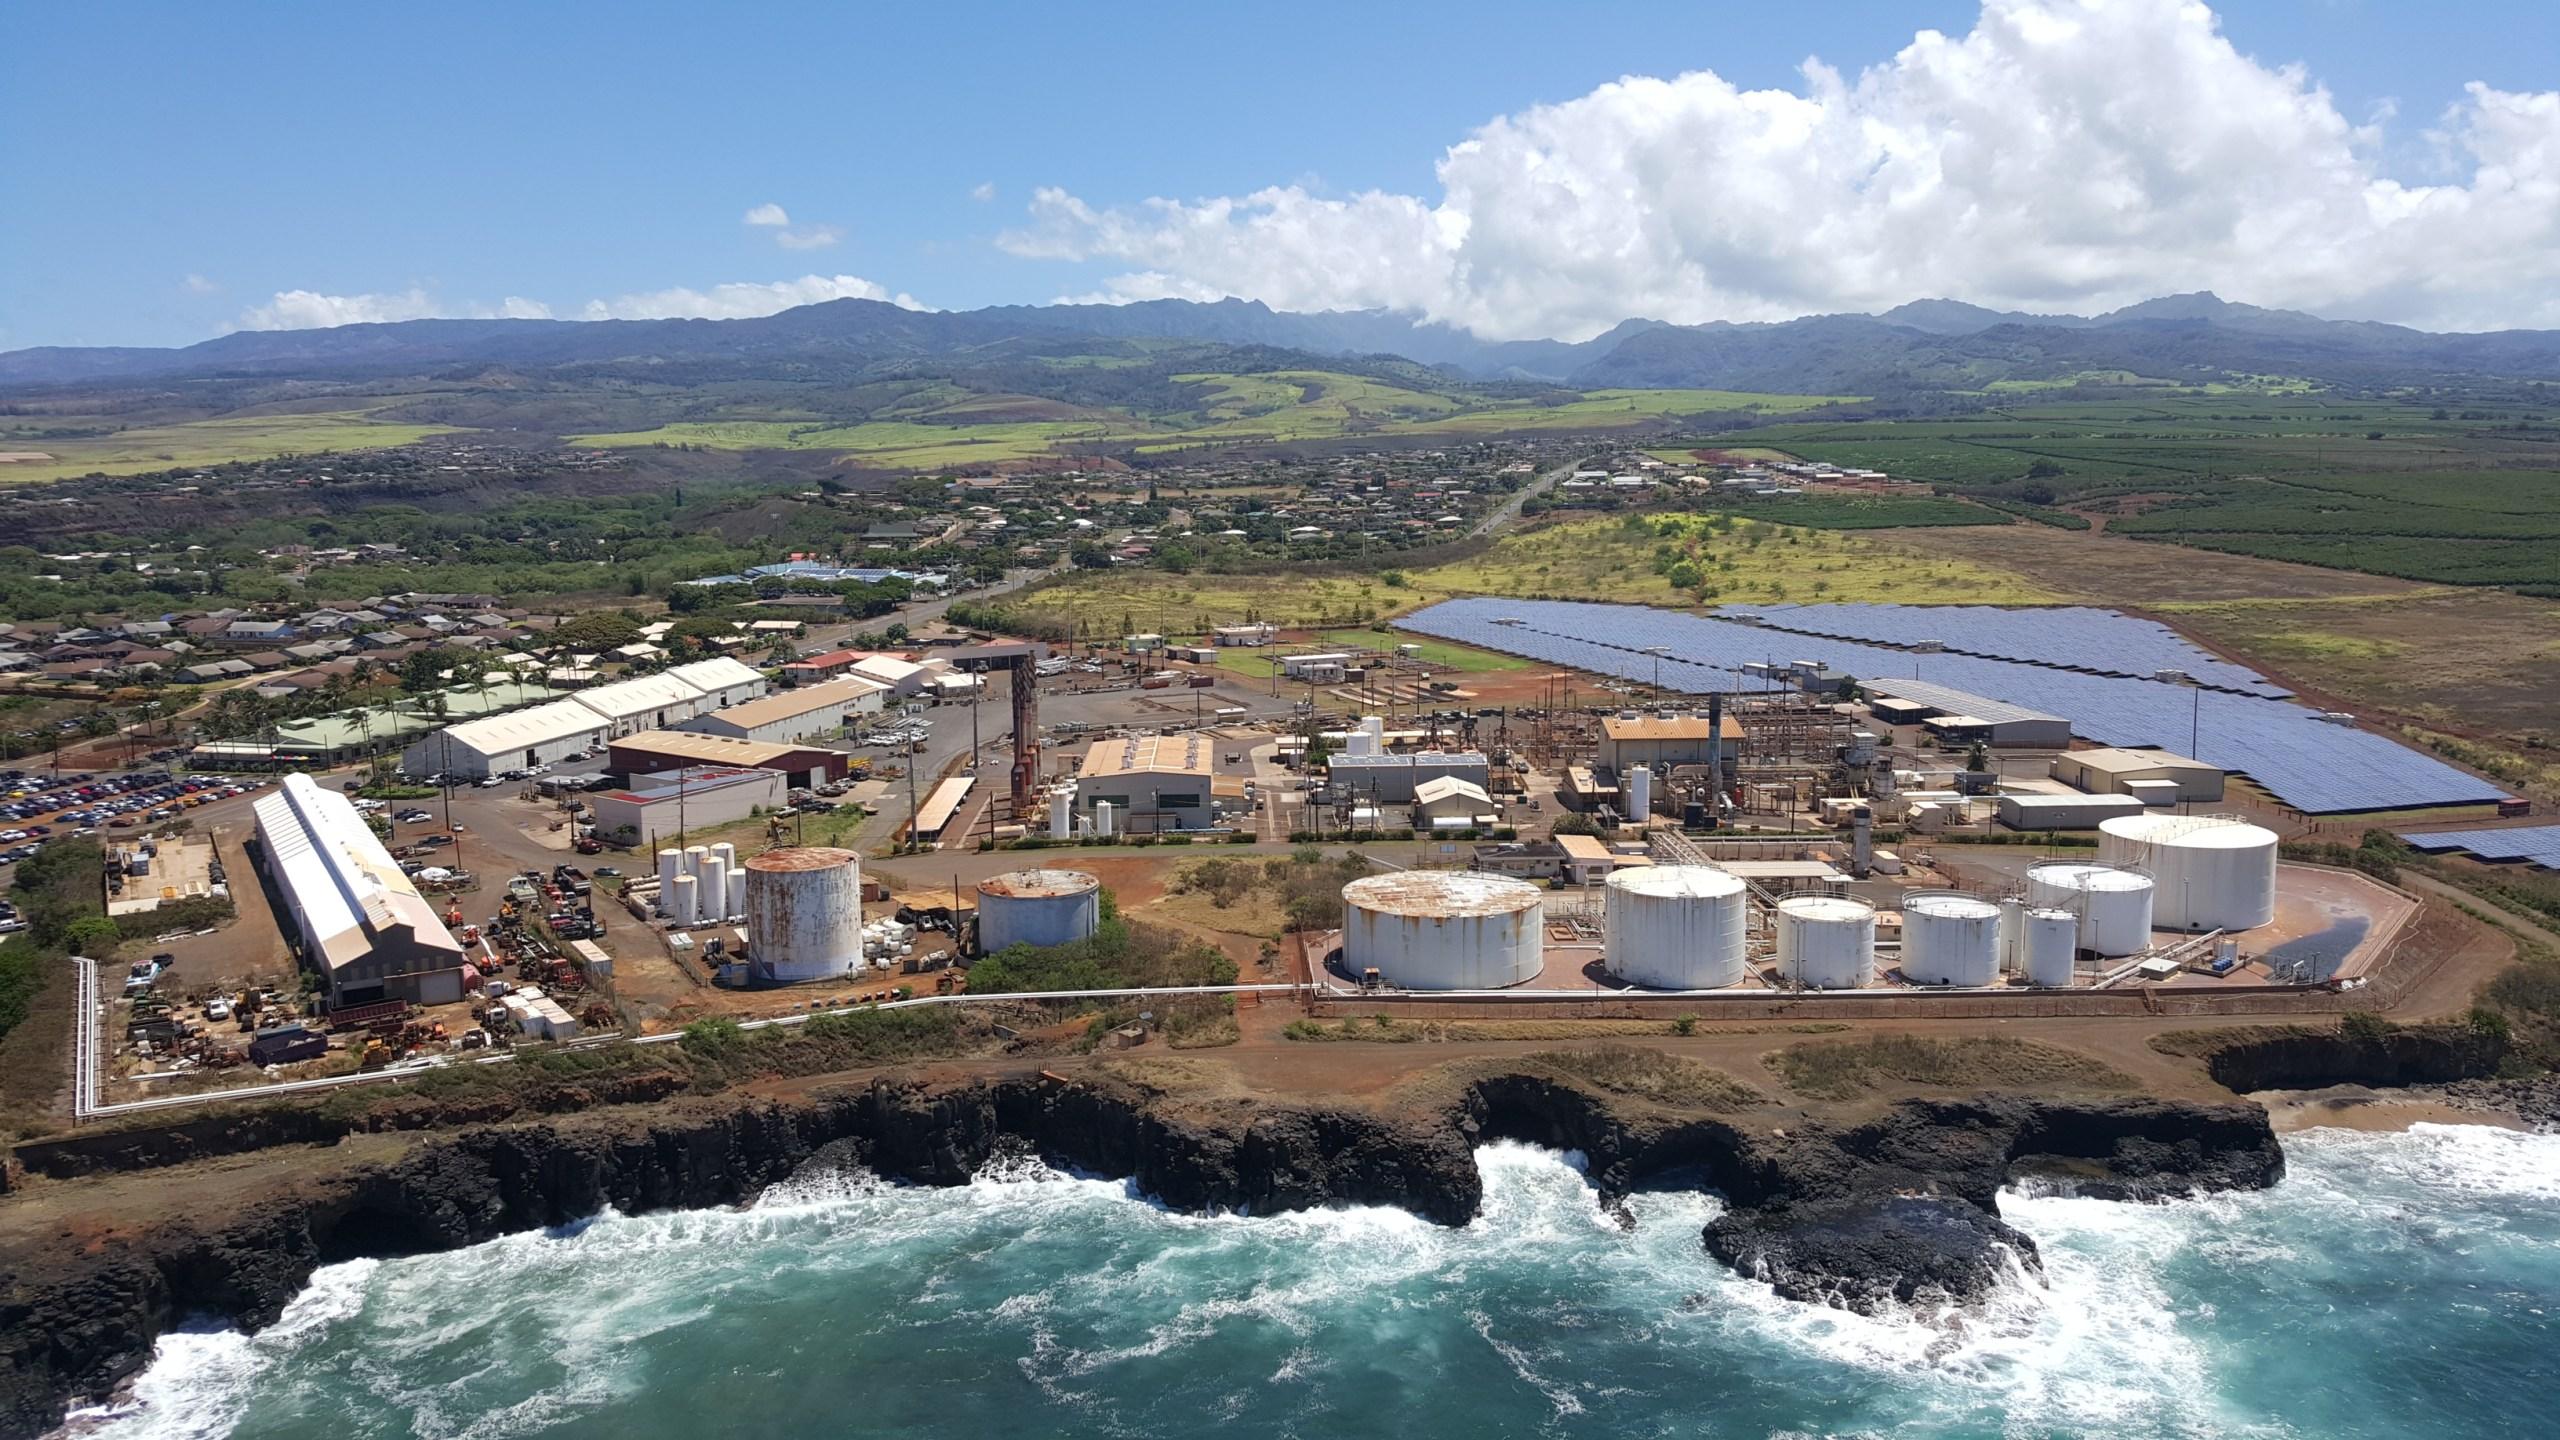 Courtesy: Kauaʿi Island Utility Cooperative